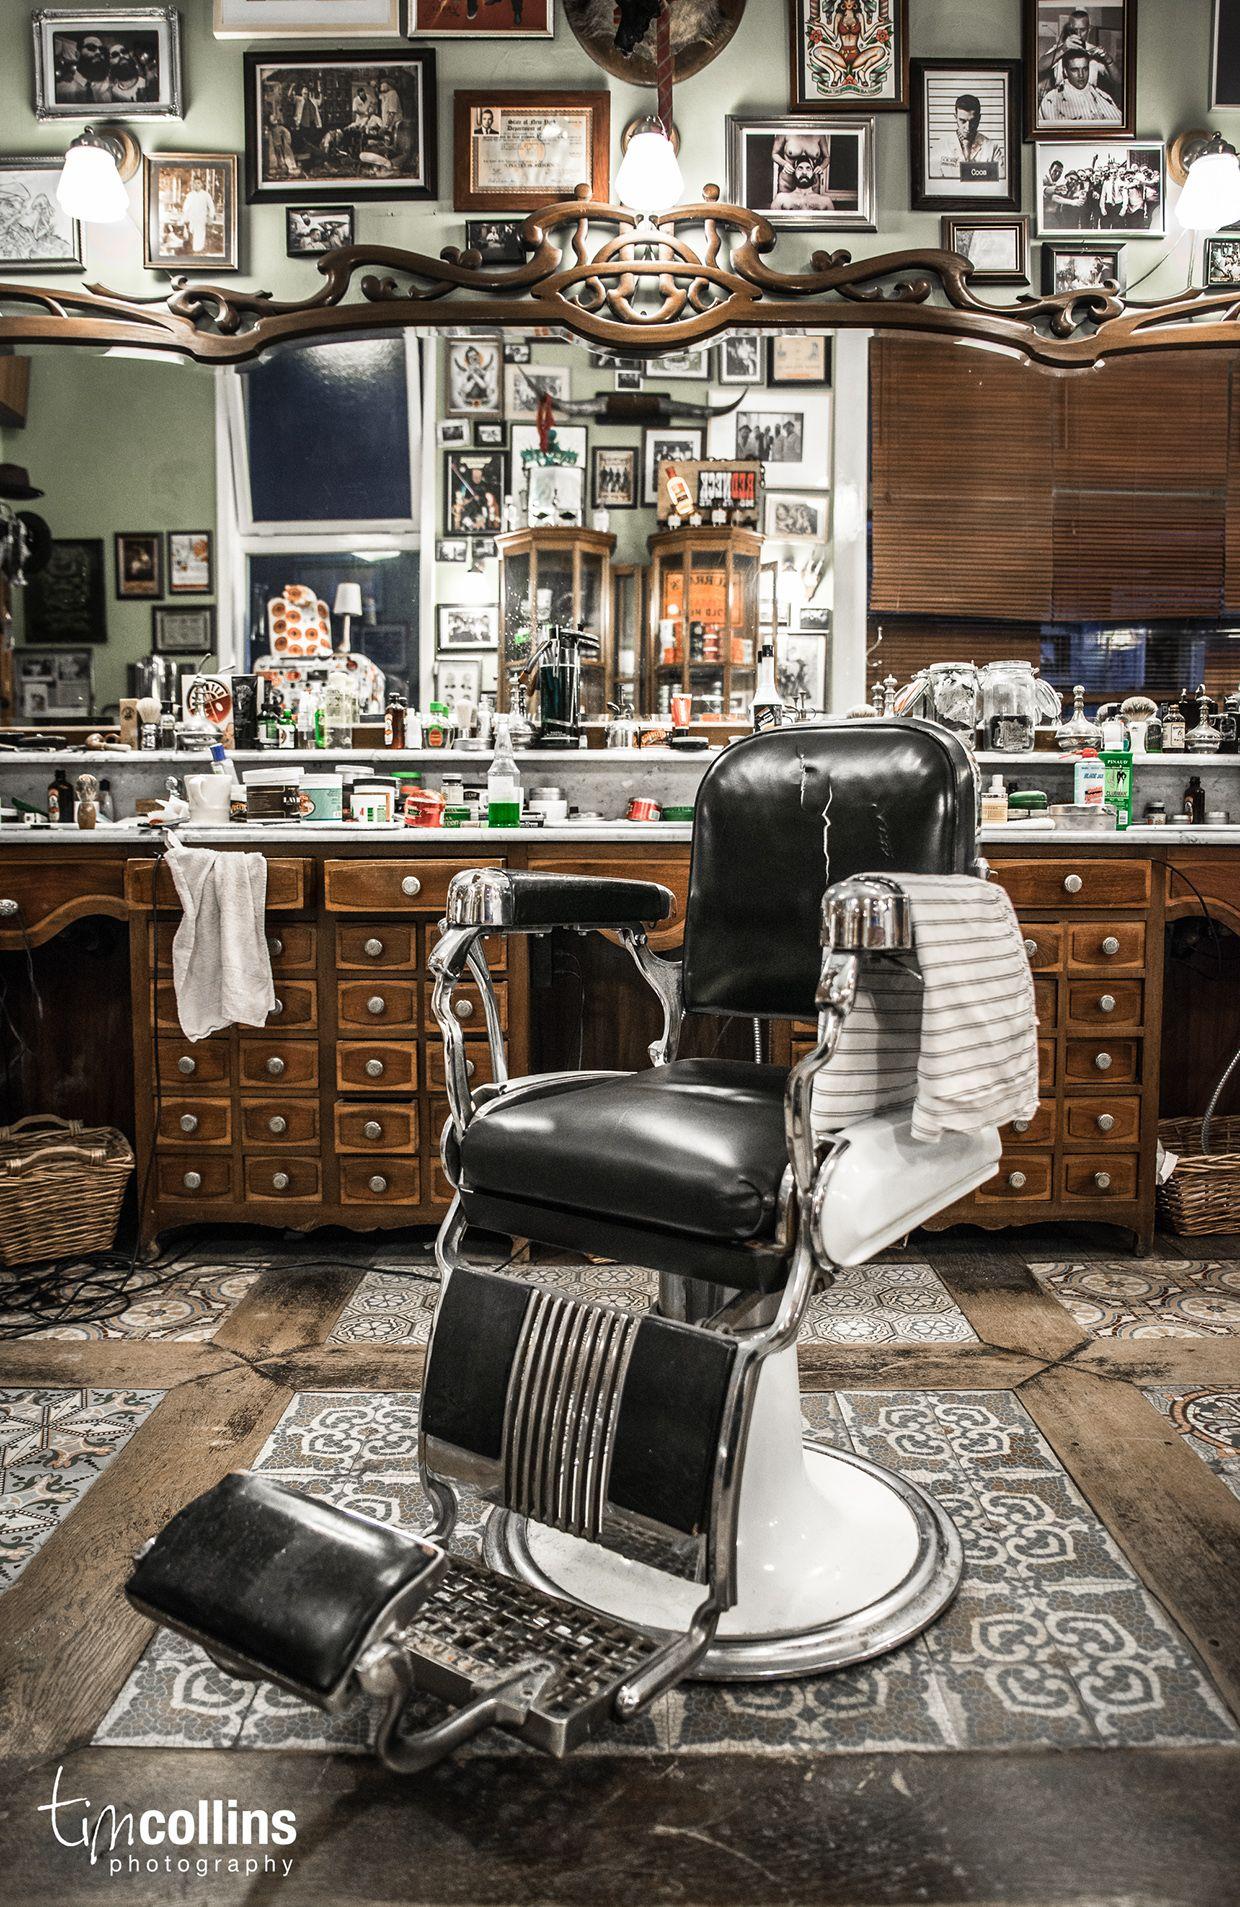 I spent a full day in Schorem barber shop in Rotterdam I